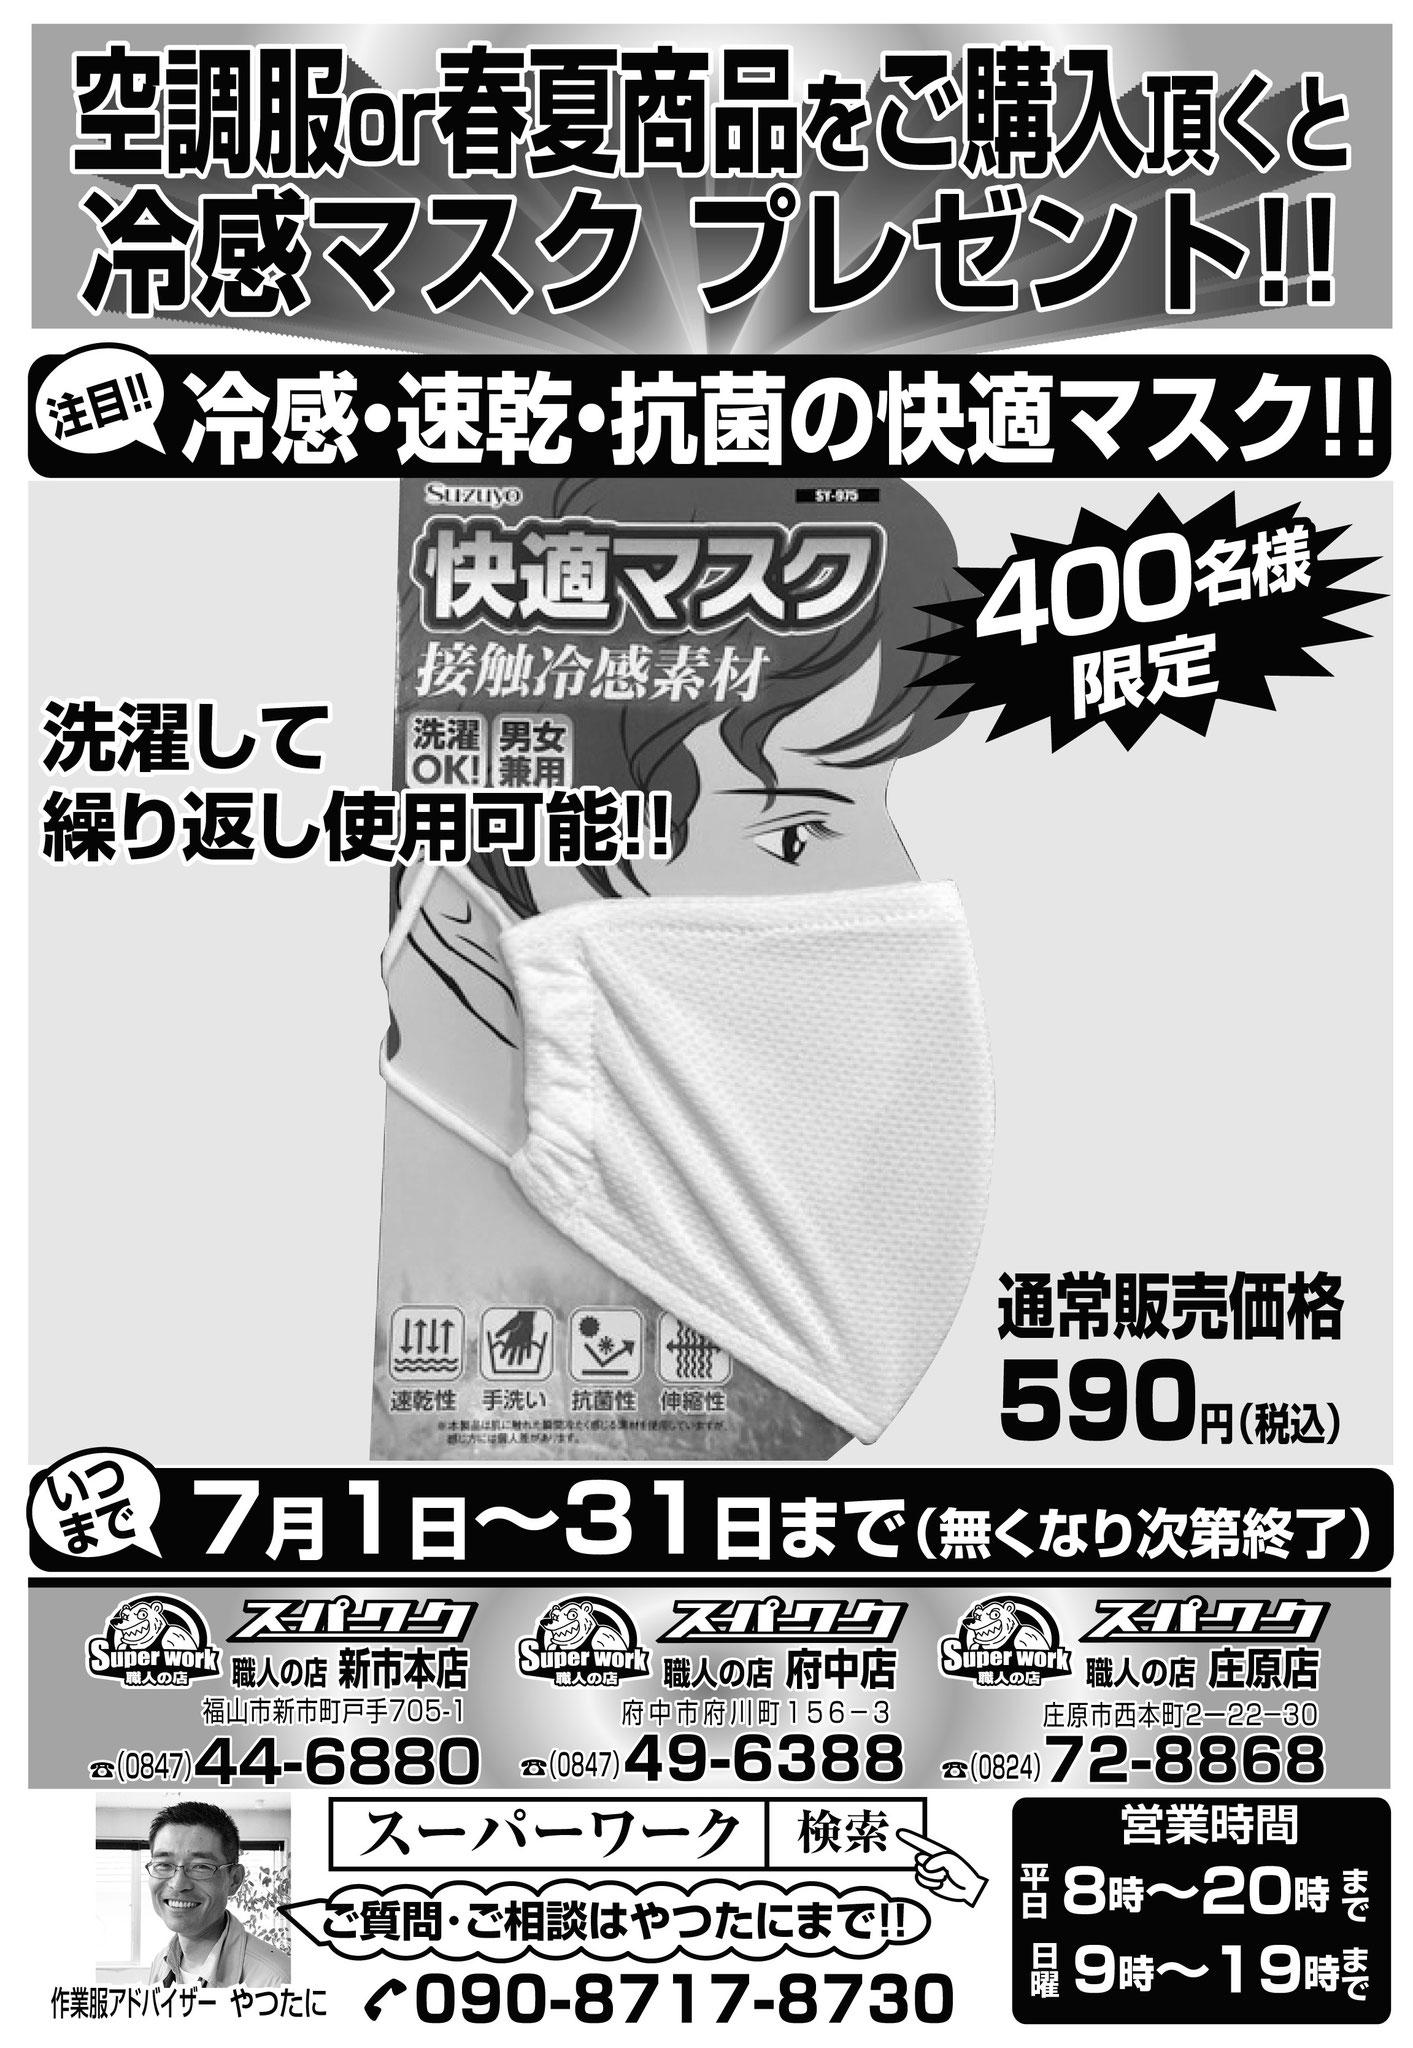 空調服・春夏商品をご購入頂くと、マイクロファイバータオルをプレゼント!!